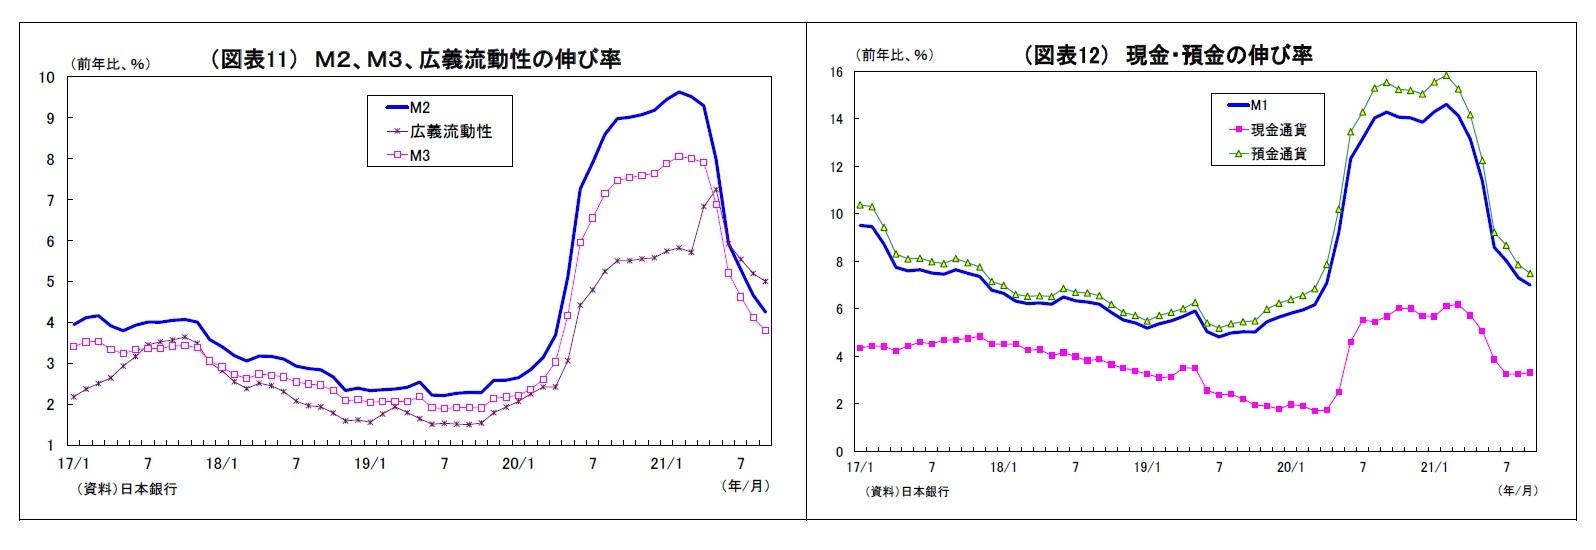 (図表11) M2、M3、広義流動性の伸び率/(図表12) 現金・預金の伸び率